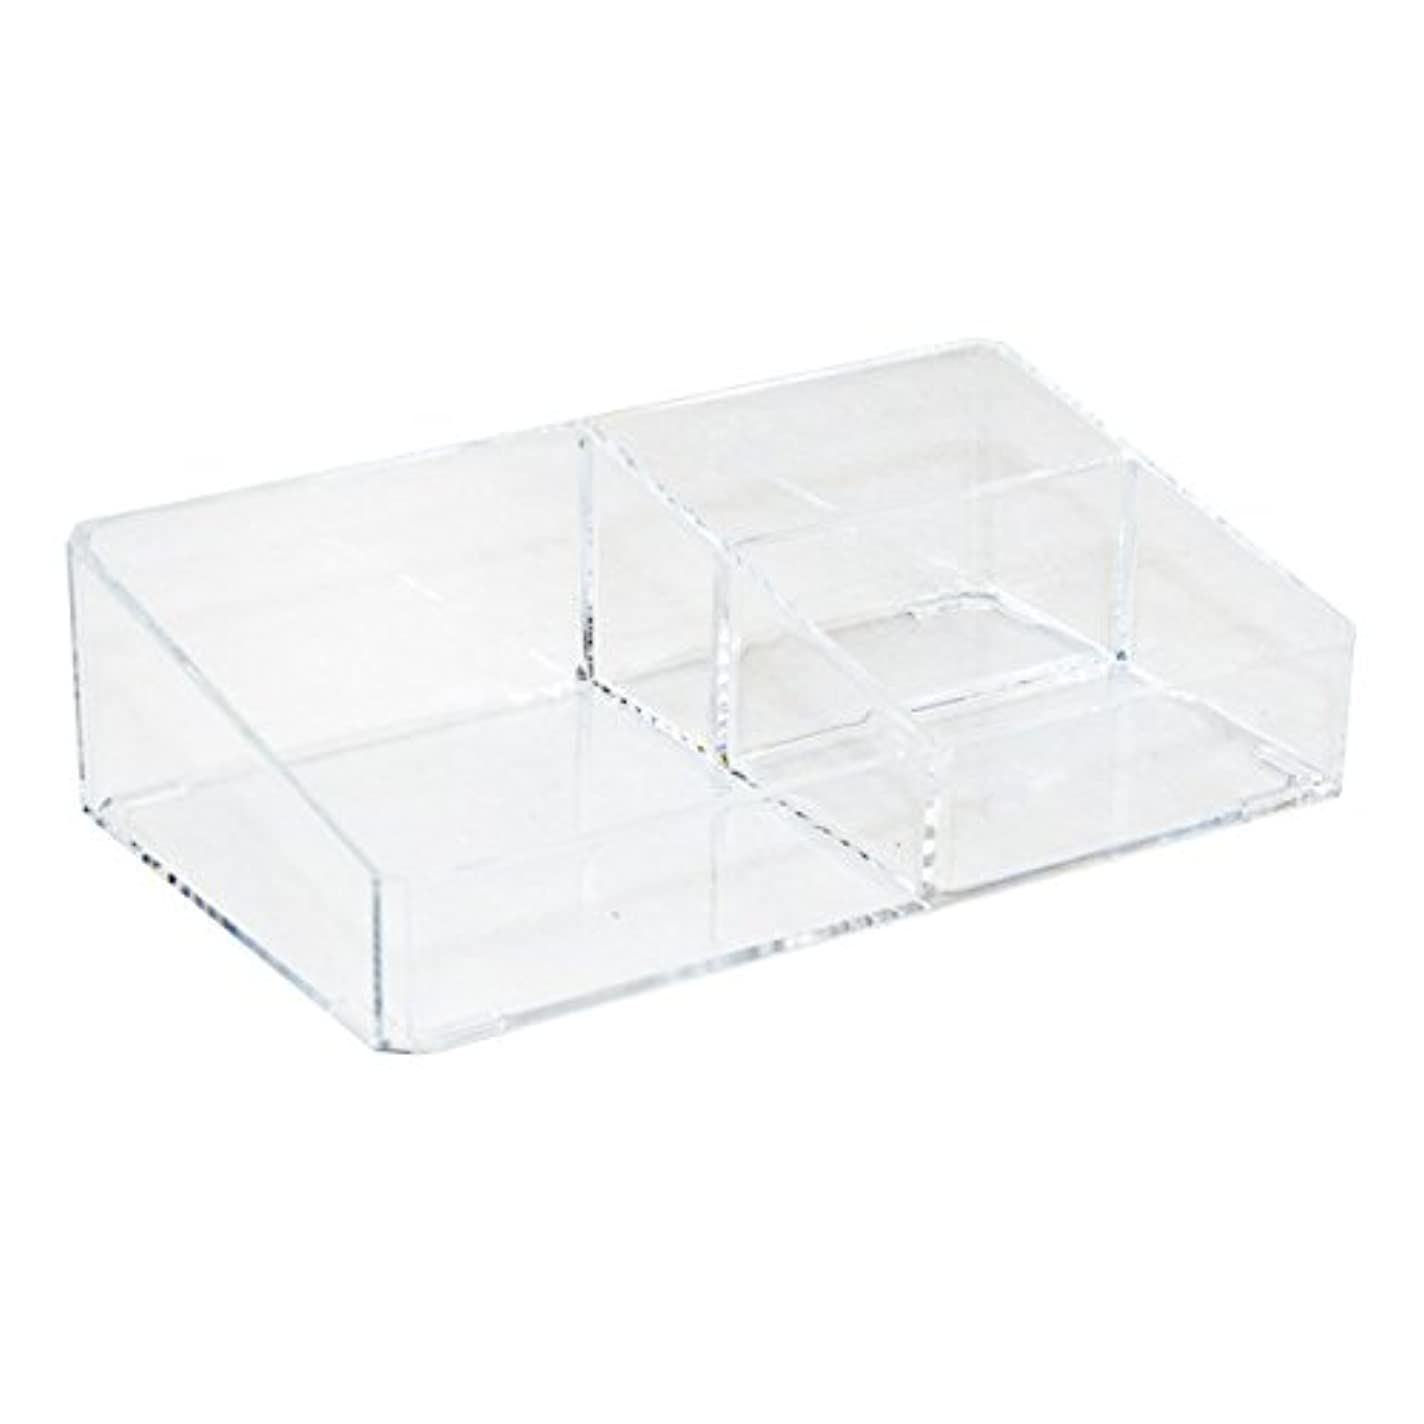 さらにハチグレートオークアクリルケース 収納ケース コスメボックス Mサイズ スタンドラック 小物 化粧品 アクセサリー_87256